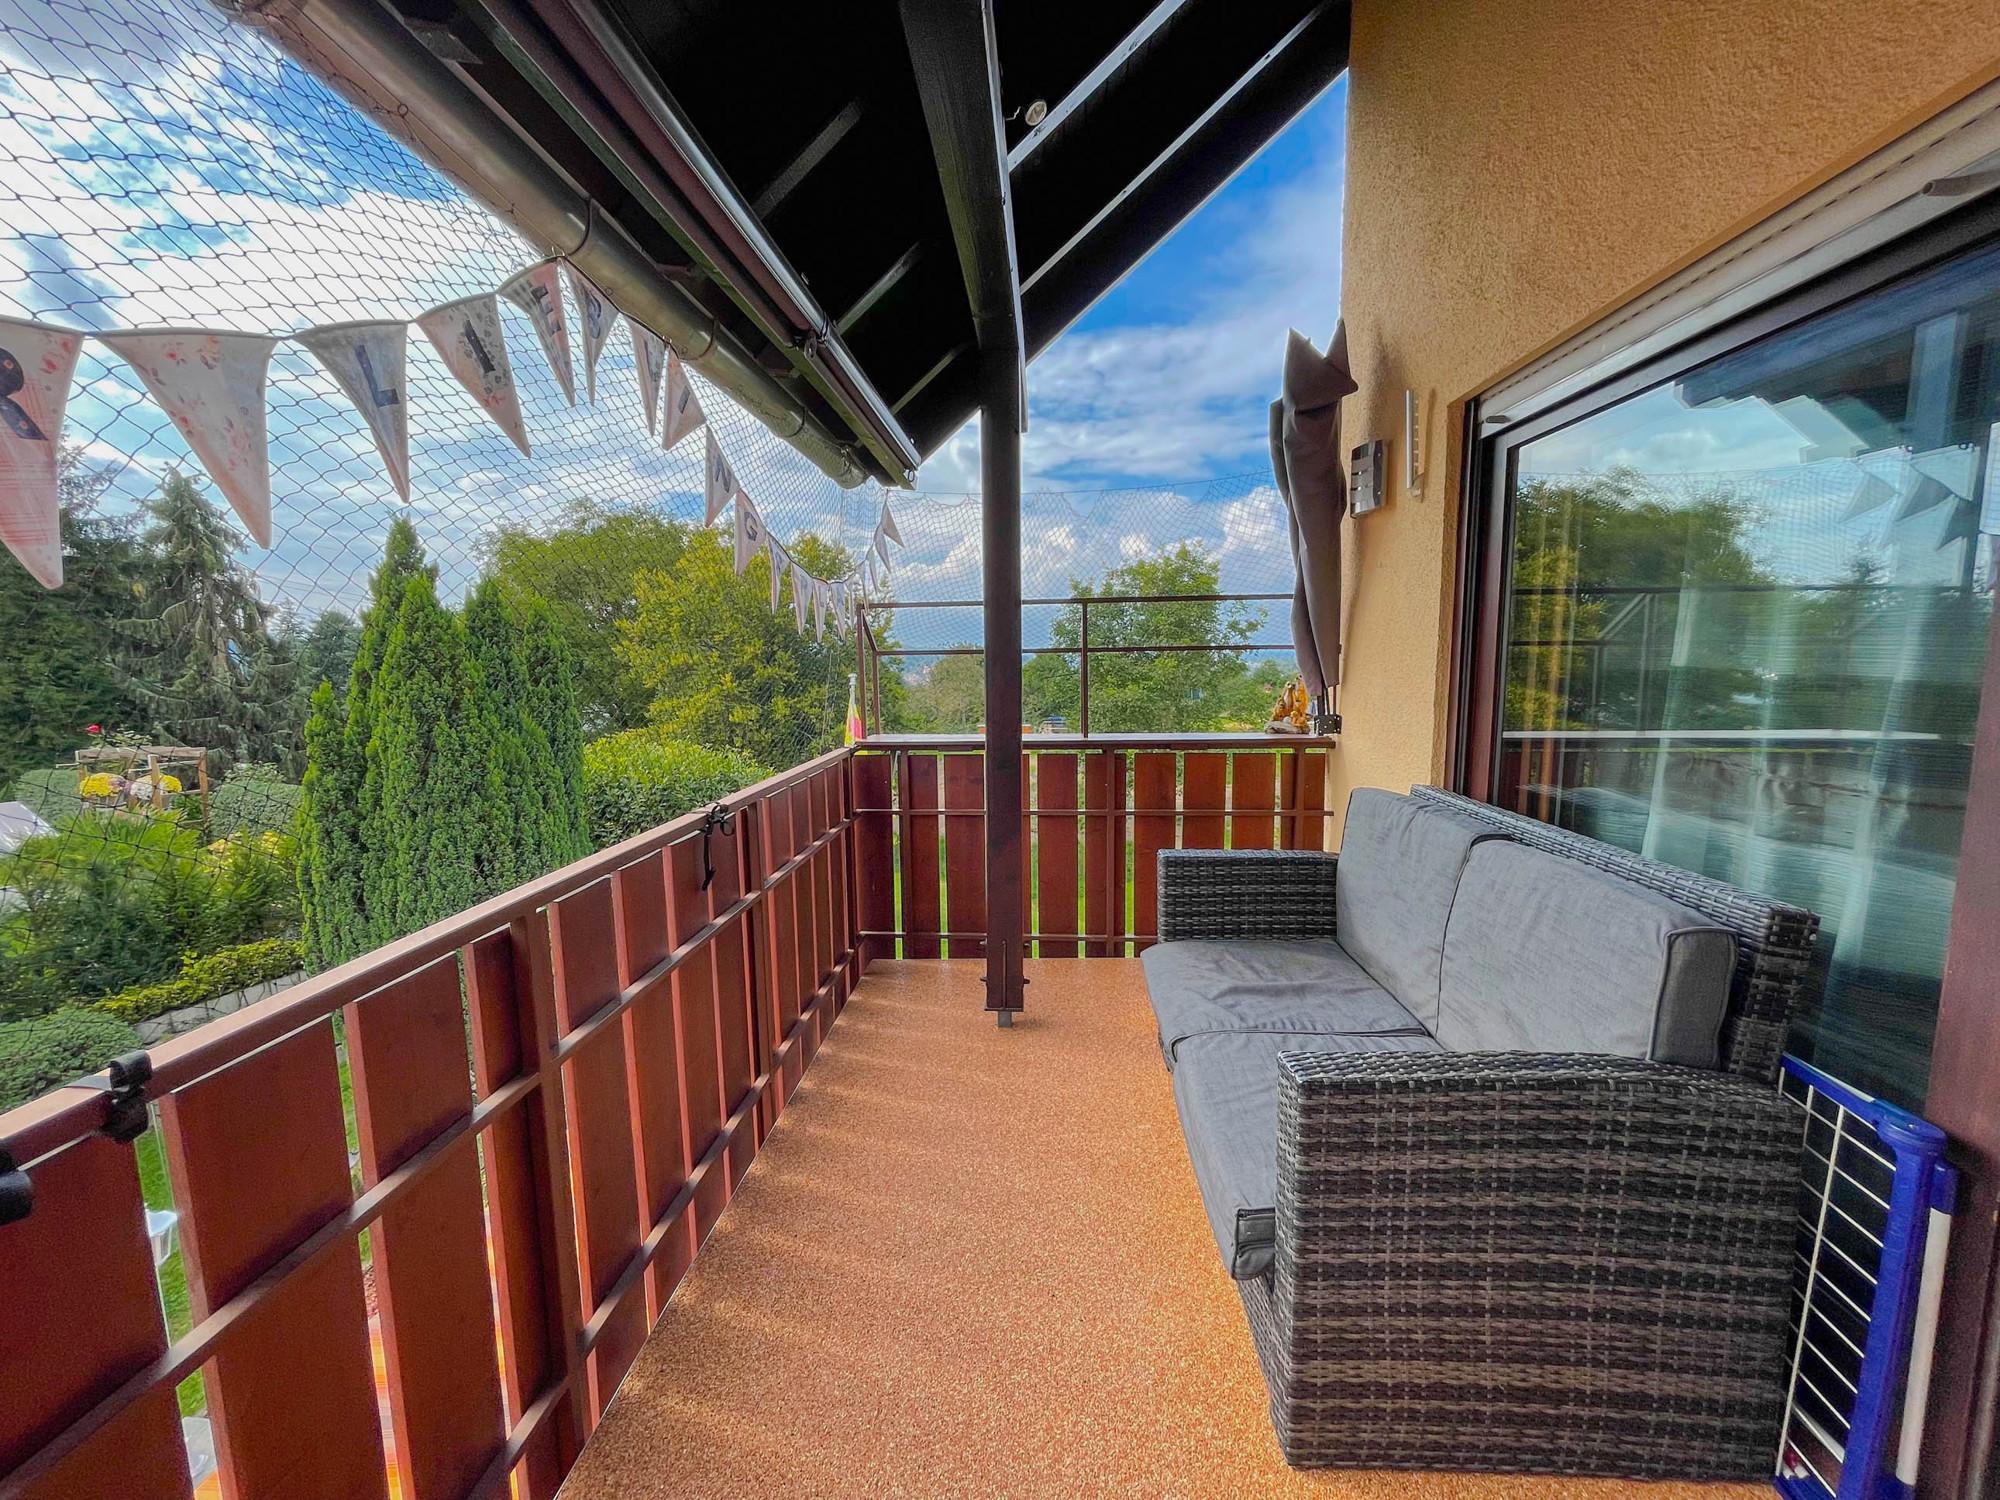 3,5 Zimmerwohnung mit Balkon, modernisiertem Bad und Garage in Gaggenau im Baugebiet Heil